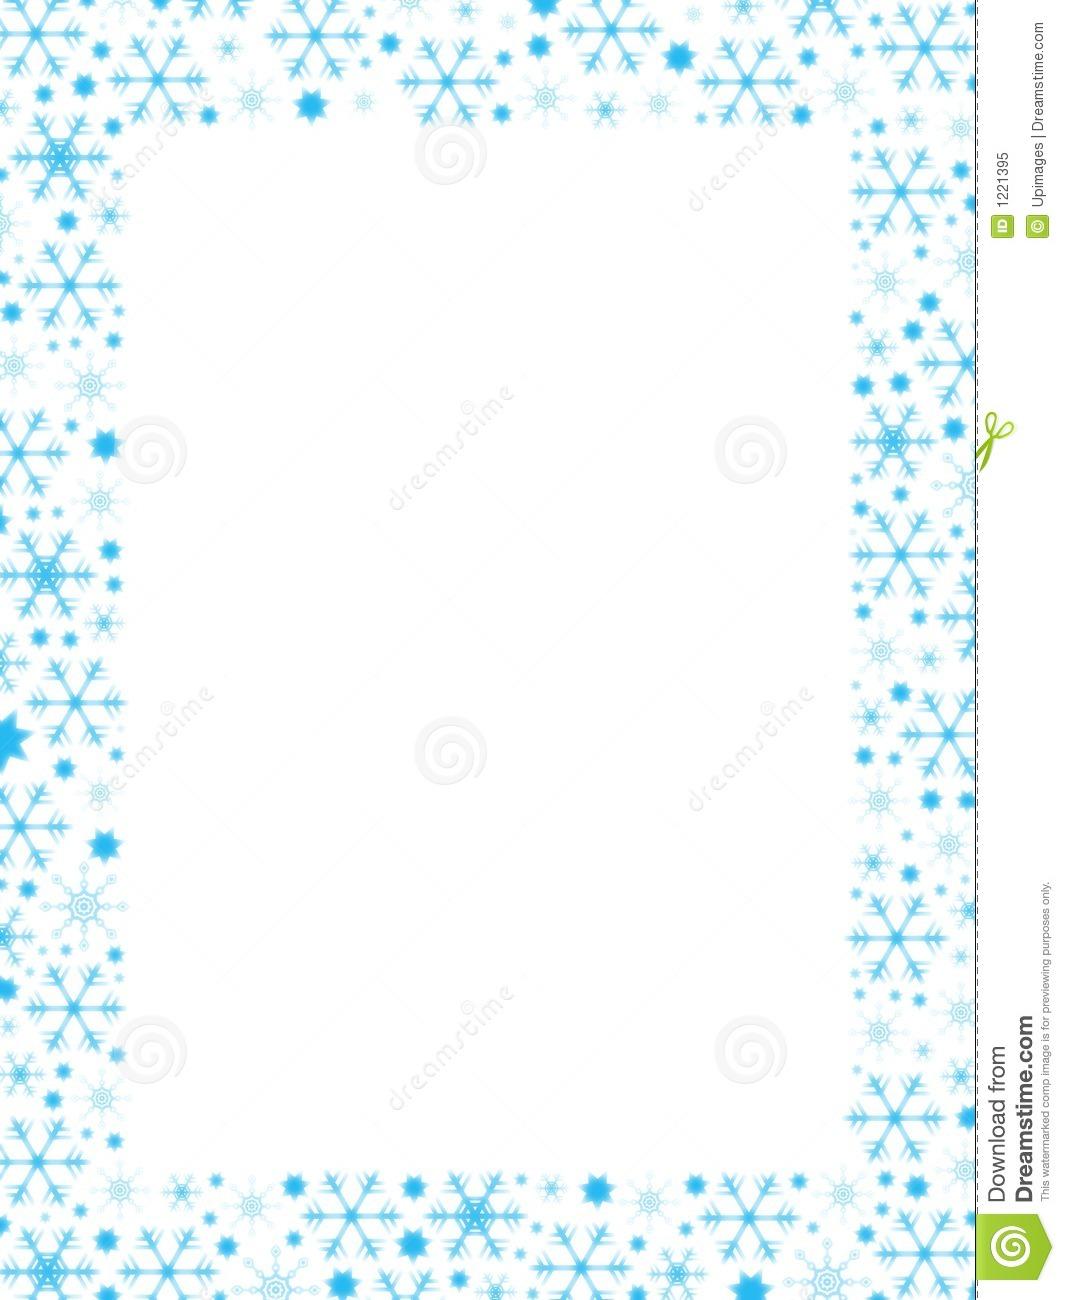 Snowflakes Border - Snowflake Clipart Border